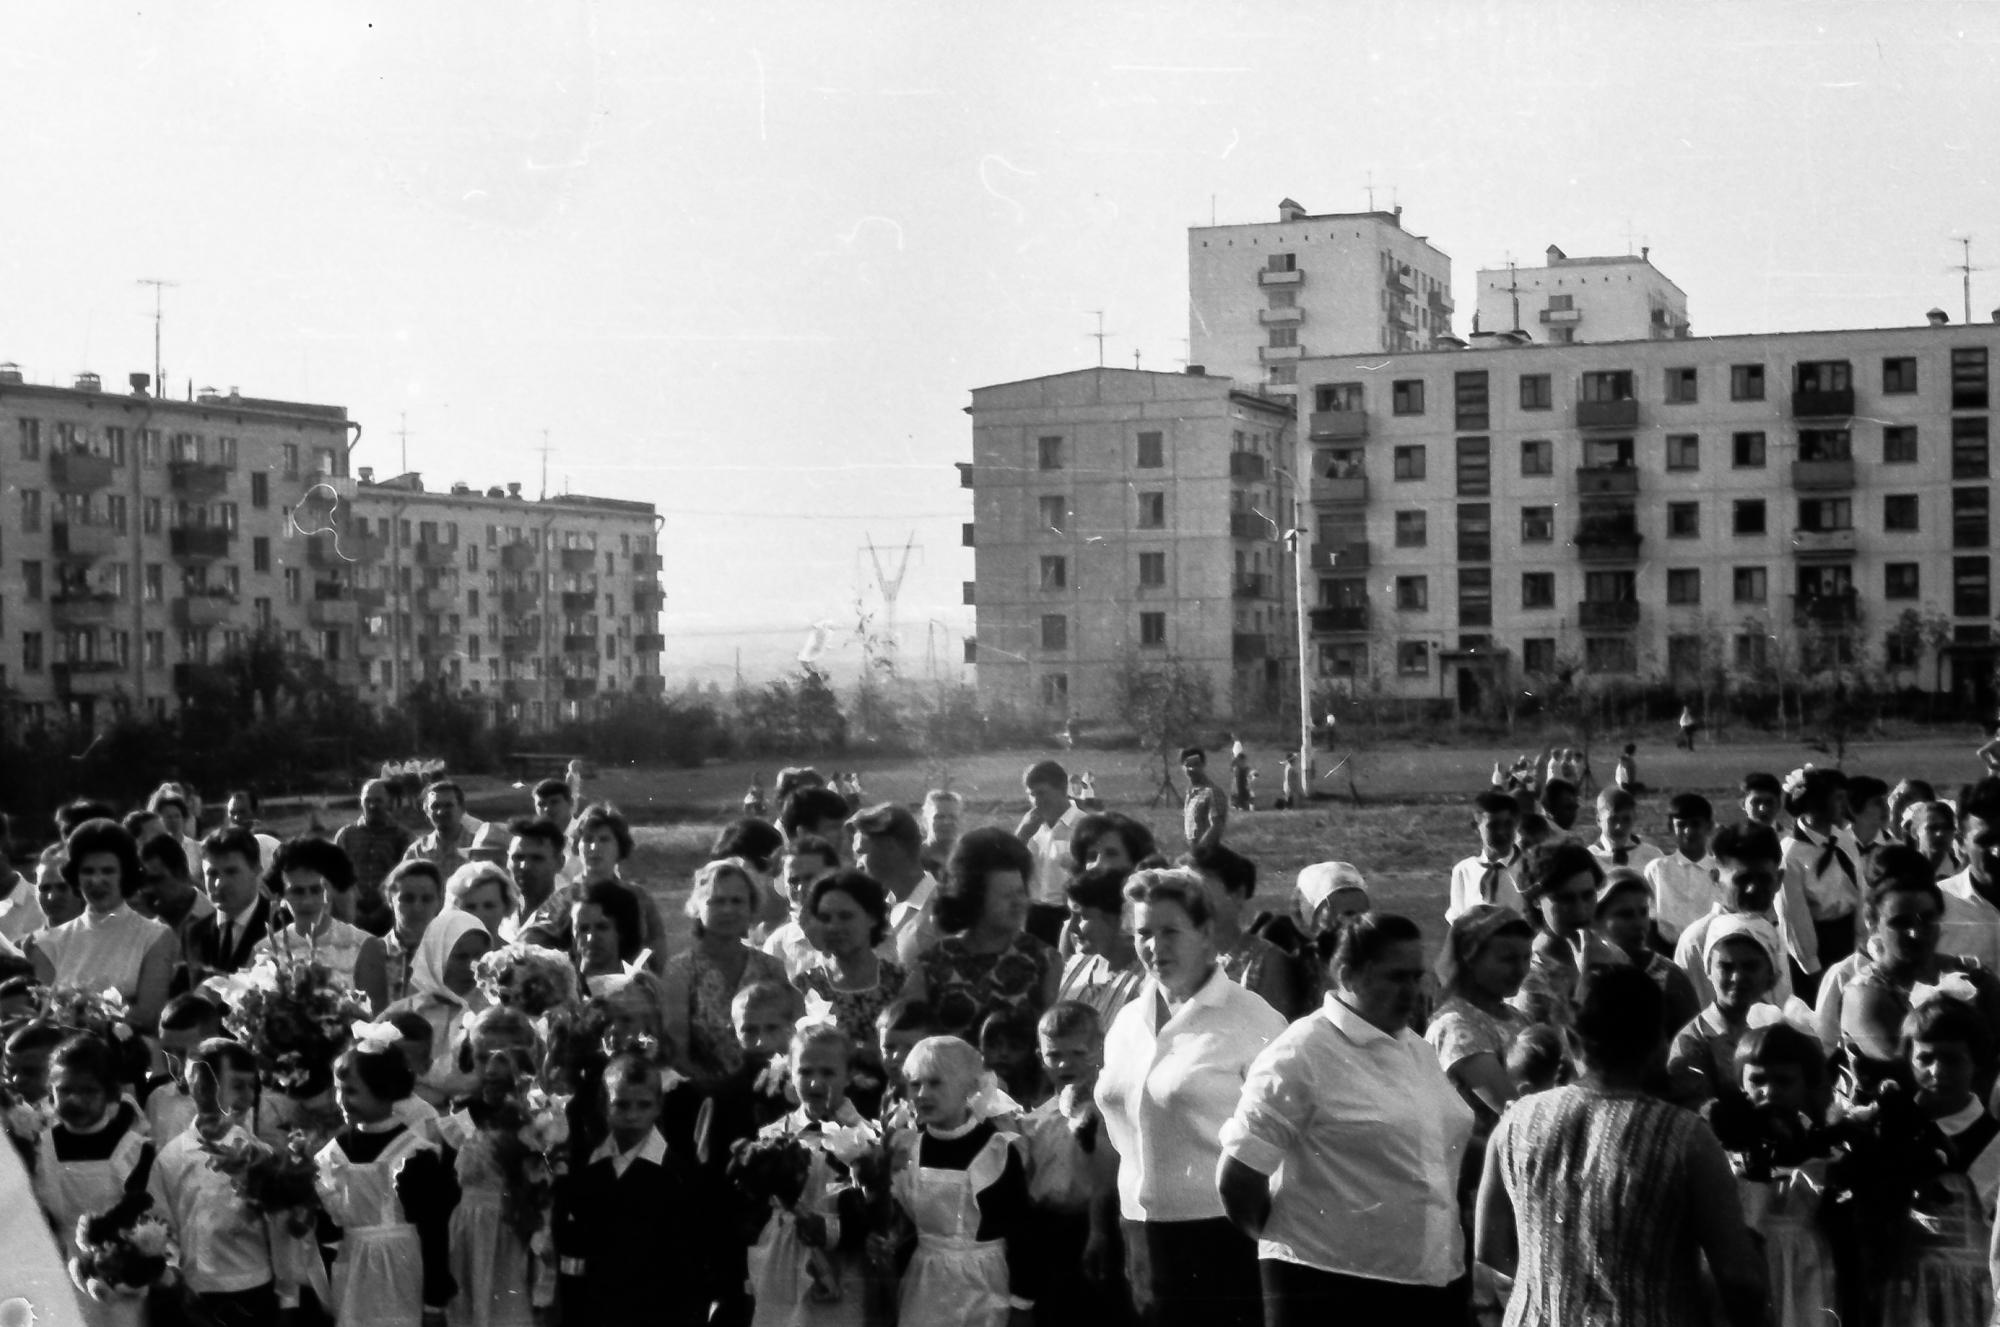 1968 Первый раз в первый класс, перед 816 школой, 1 А класс, видимо 2 сентября, так как 1-е было воскресенье